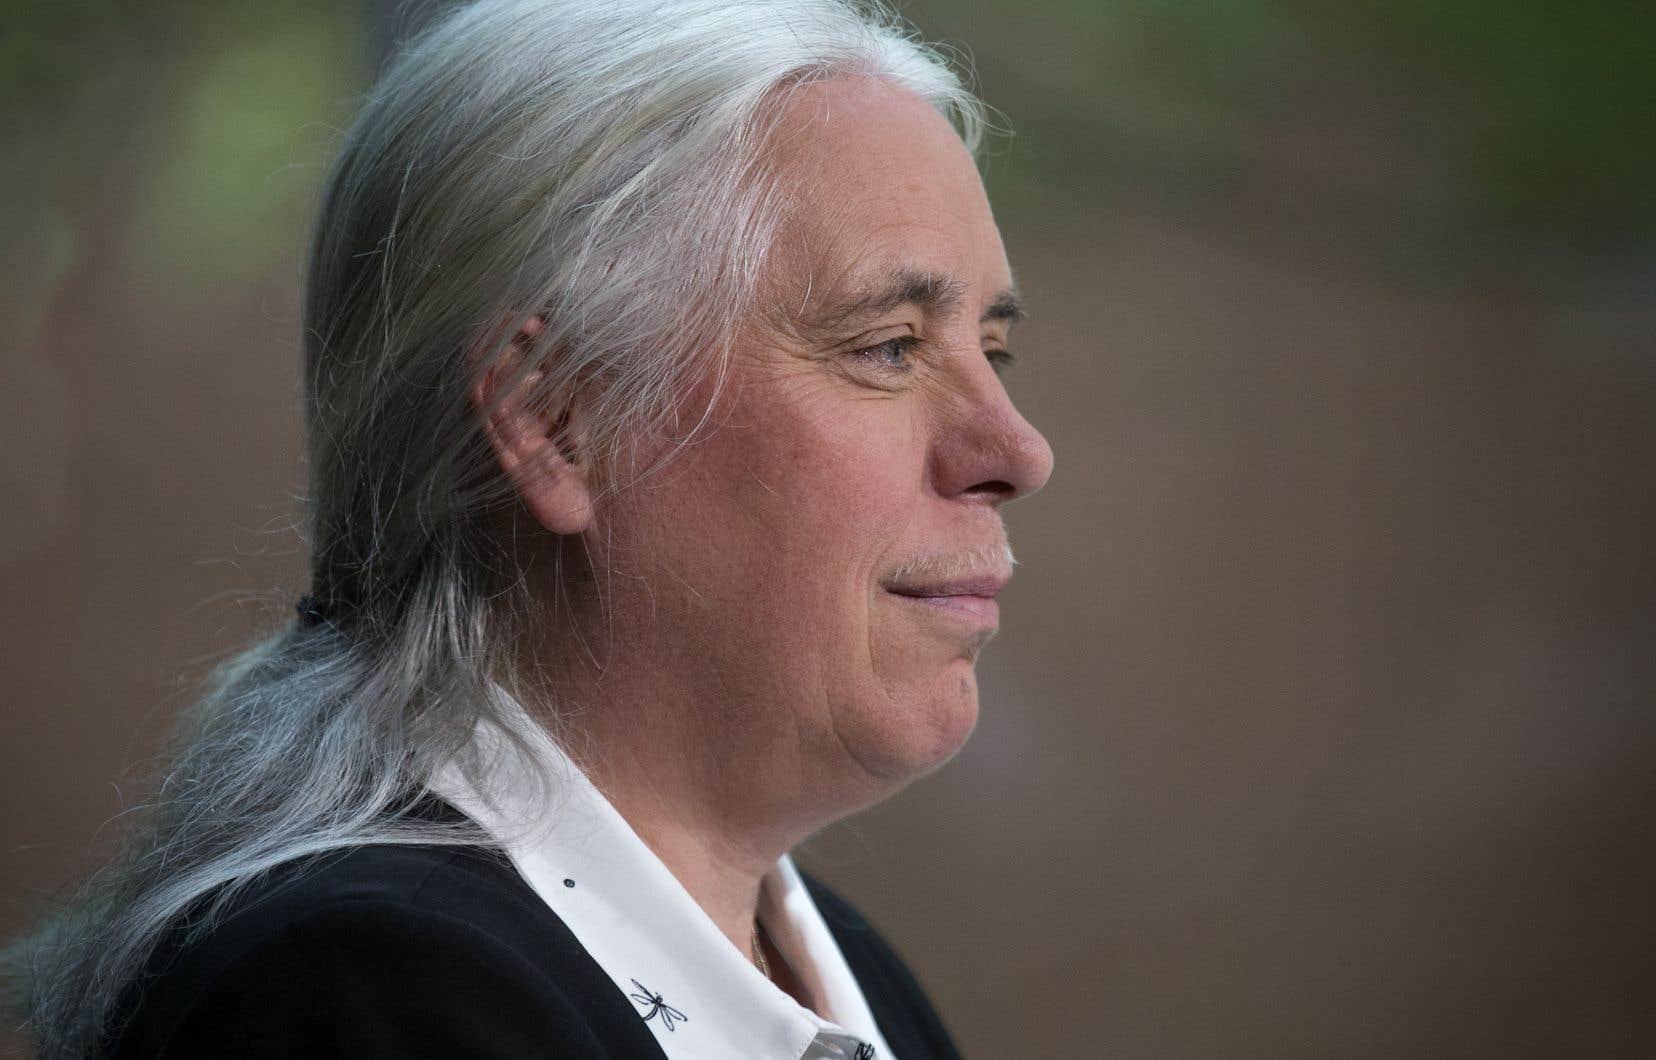 Manon Massé, la candidate de Québec solidaire au poste de première ministre